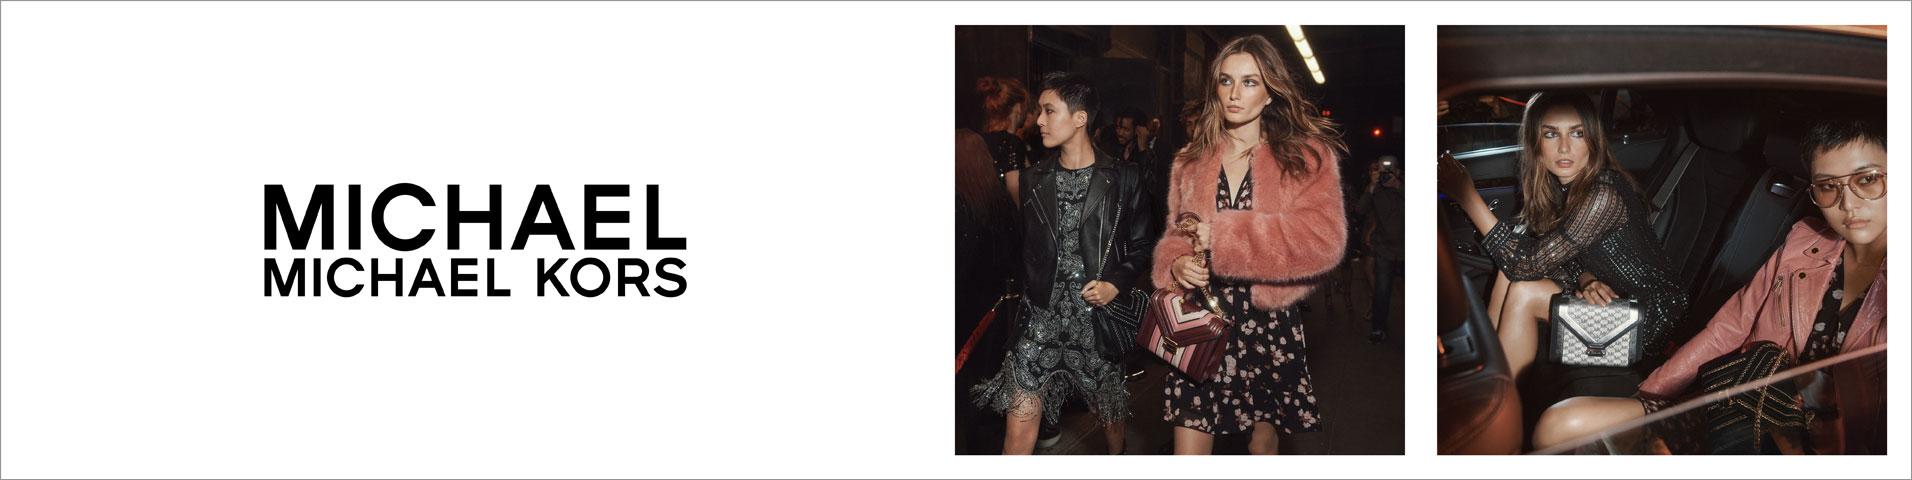 32c3162b9fbd1 Zapatillas MICHAEL Michael Kors de mujer   Comprar colección online ...